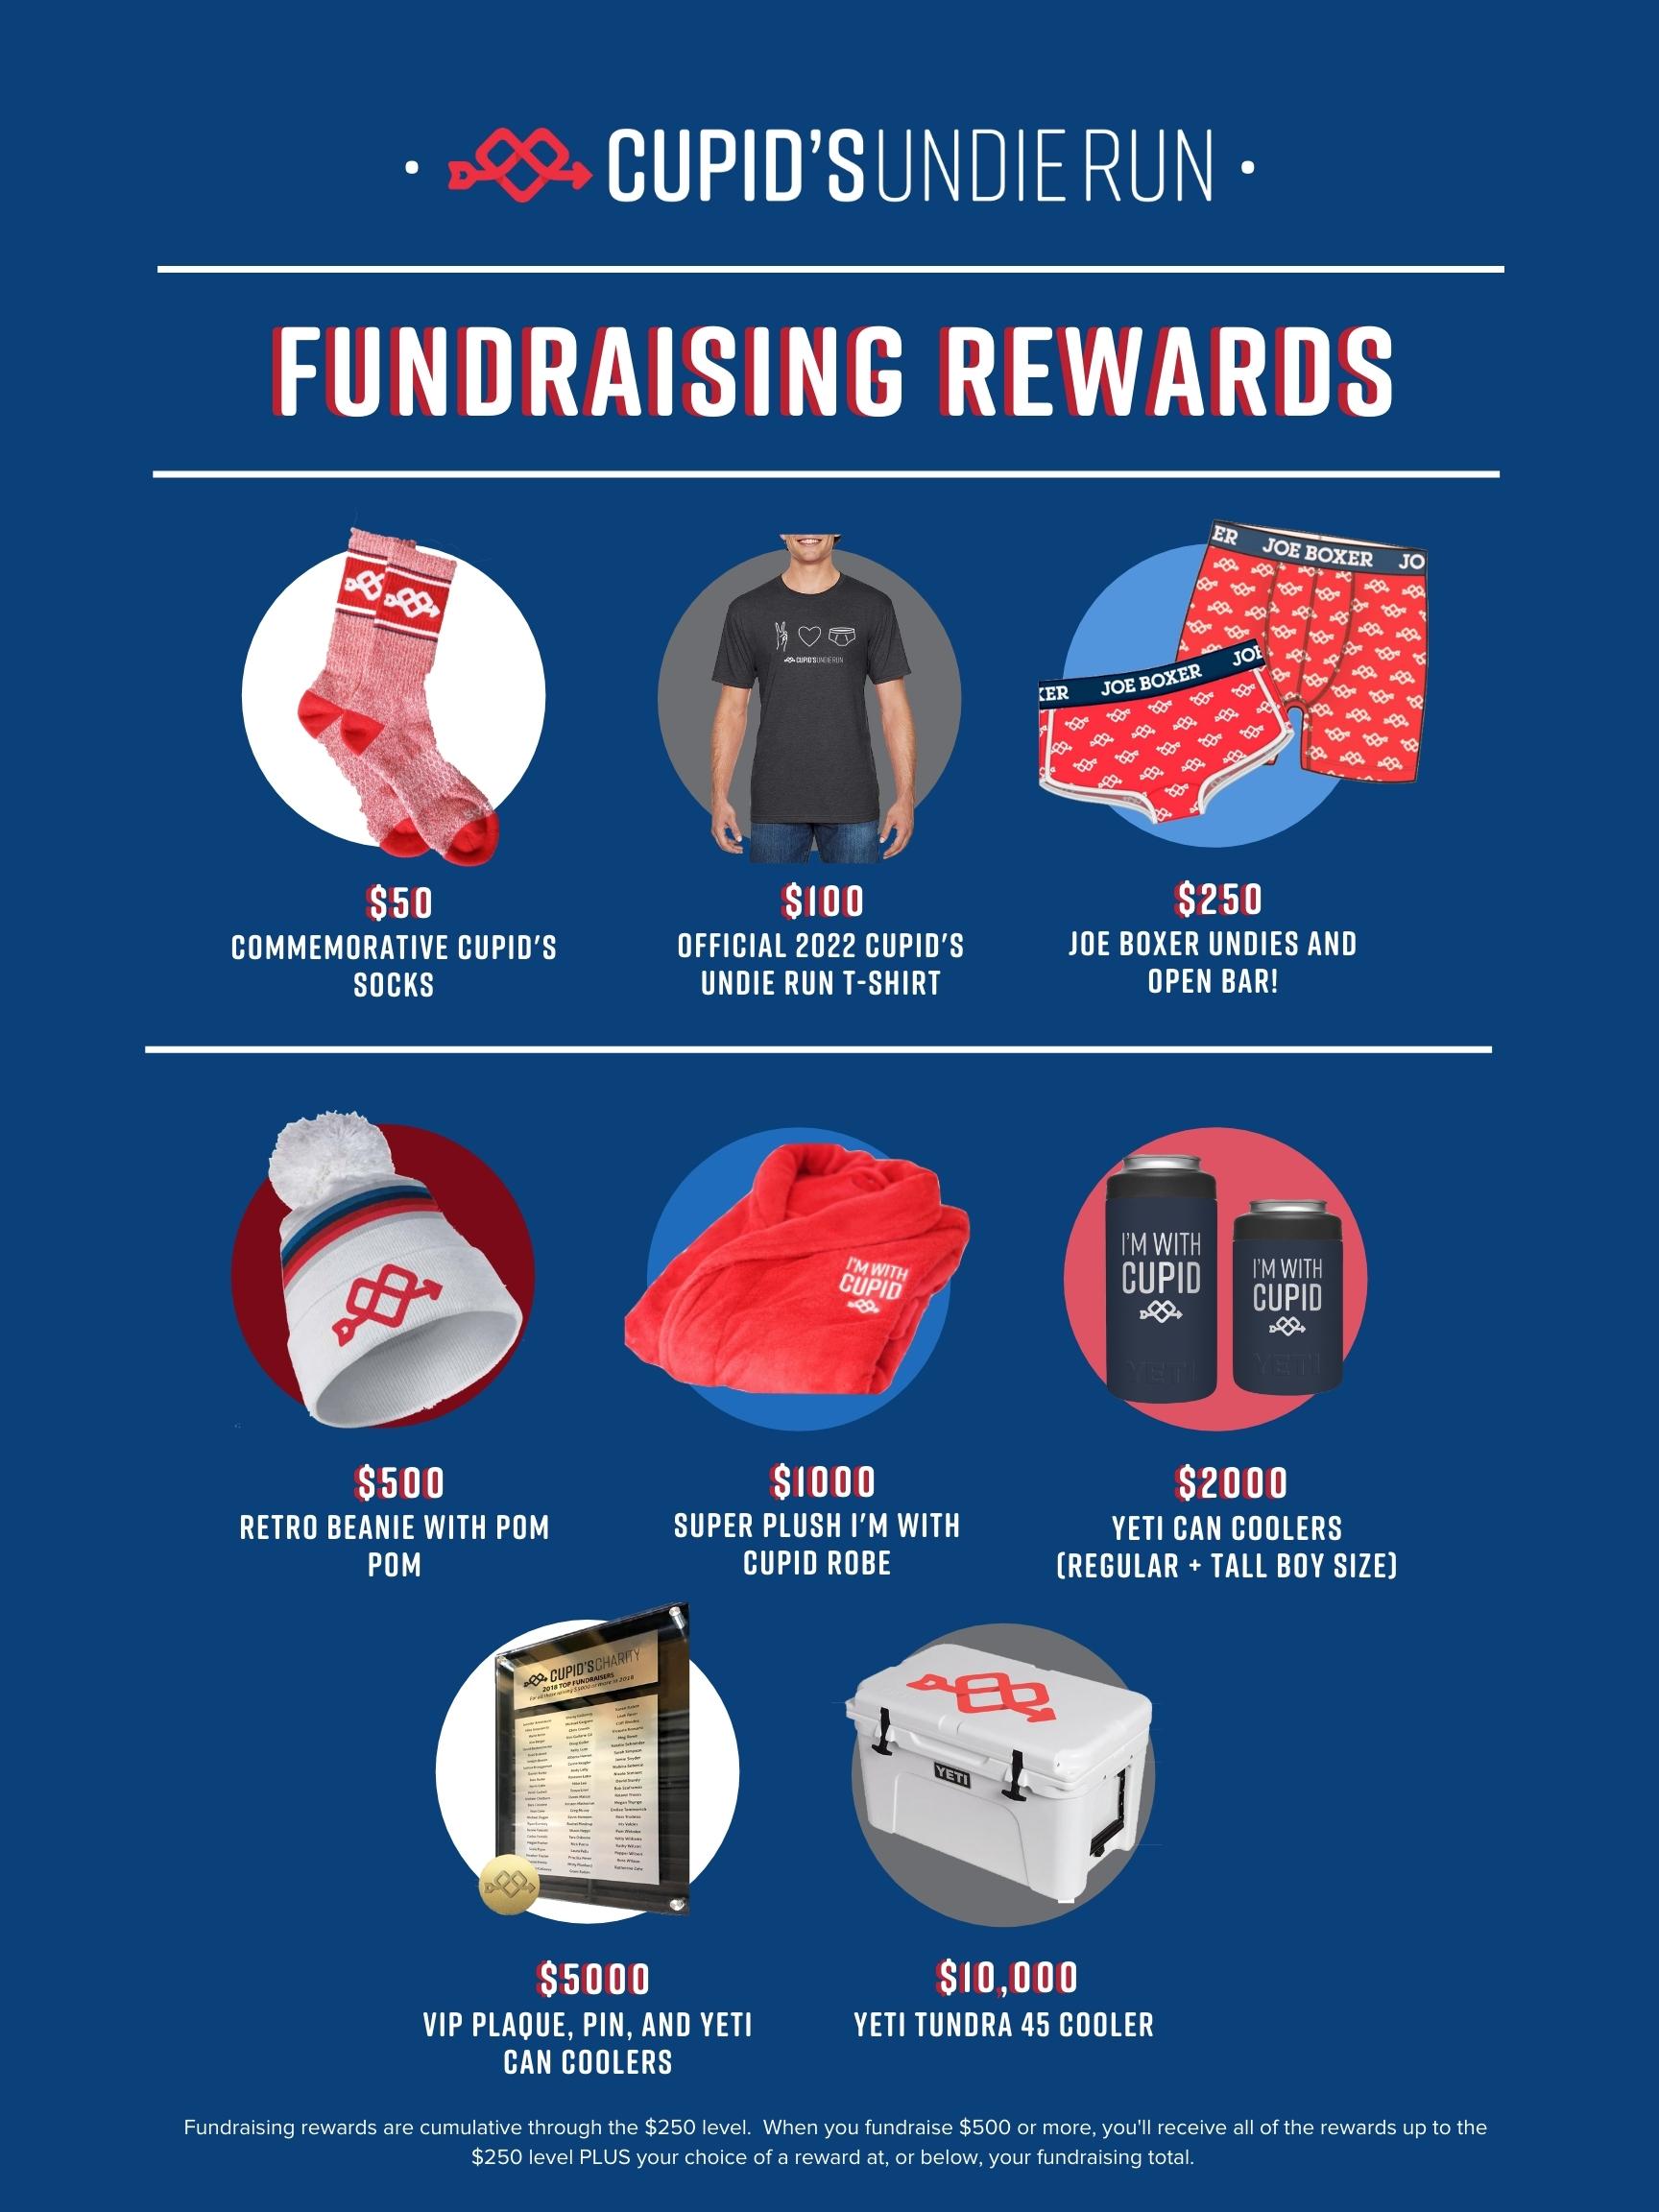 Cupid's Undie Run 2022 Fundraising Rewards